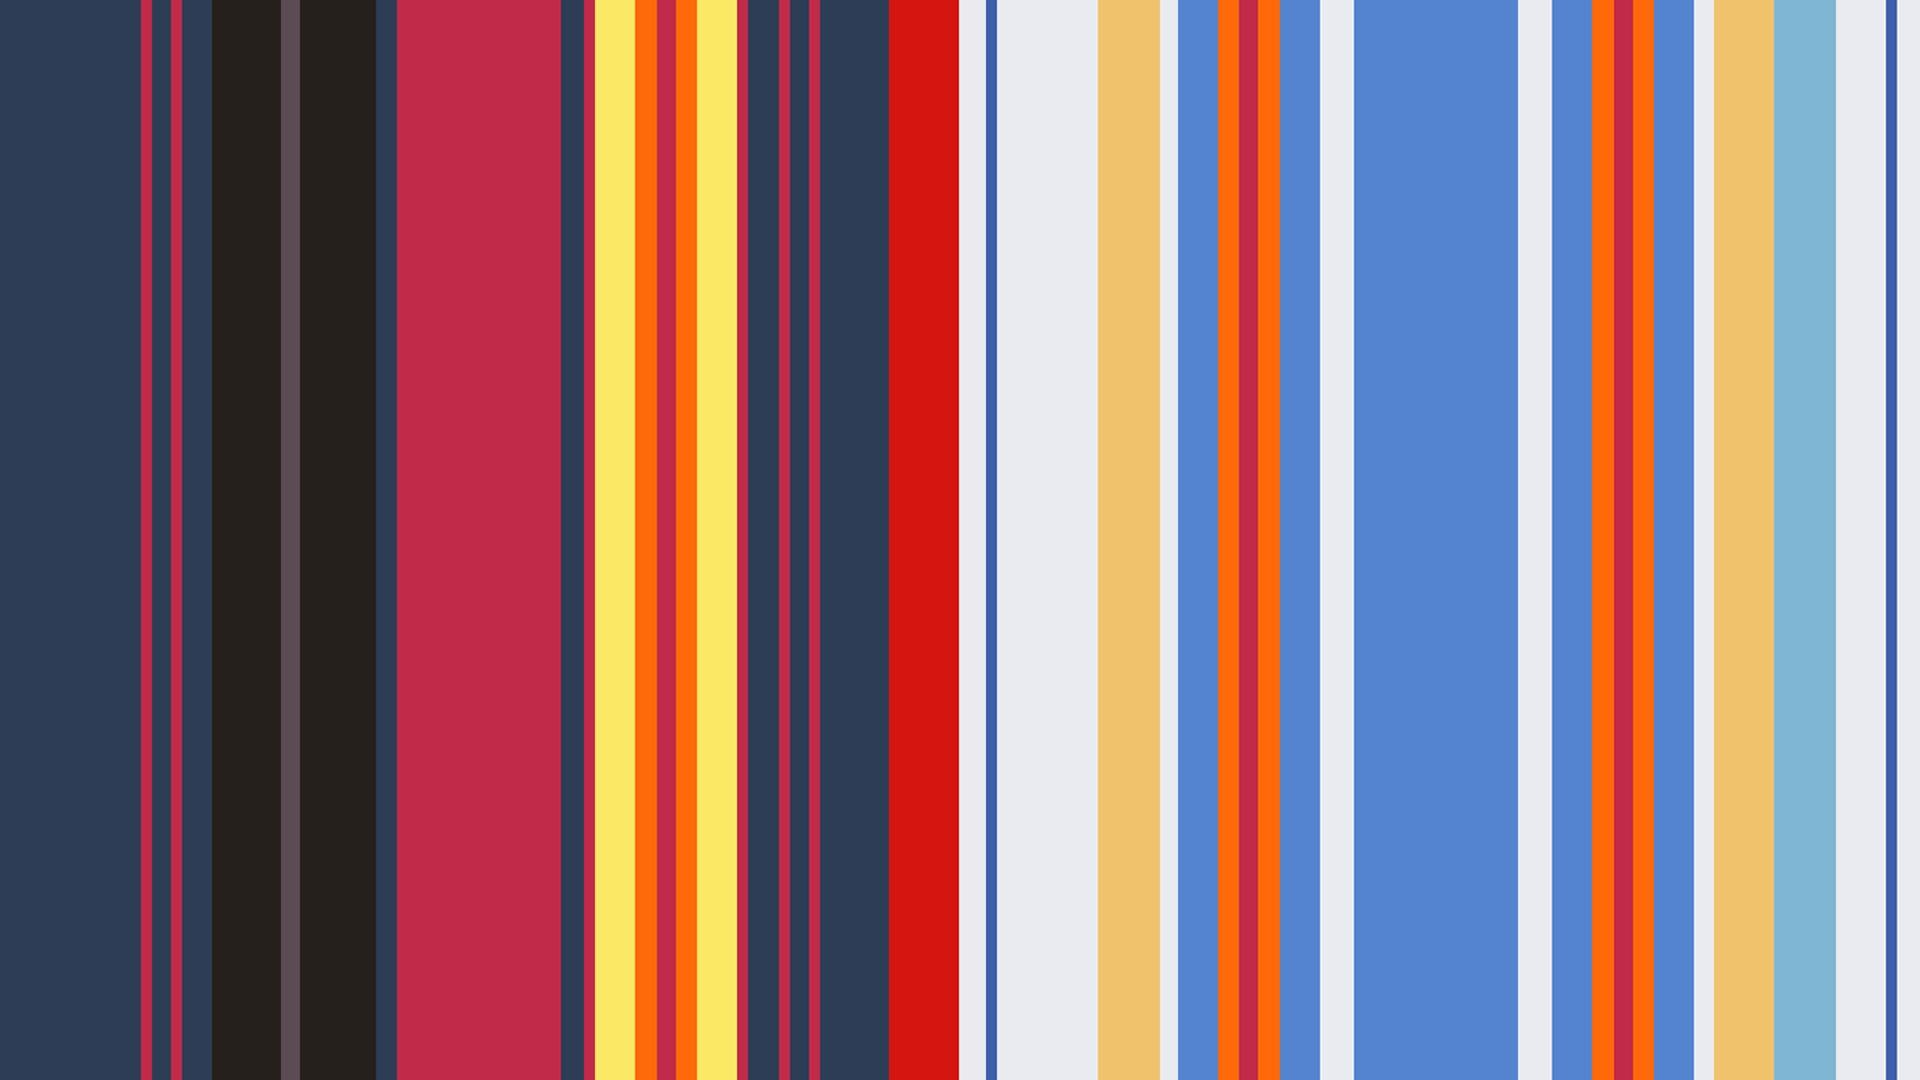 Minimalistic Stripes HD Download